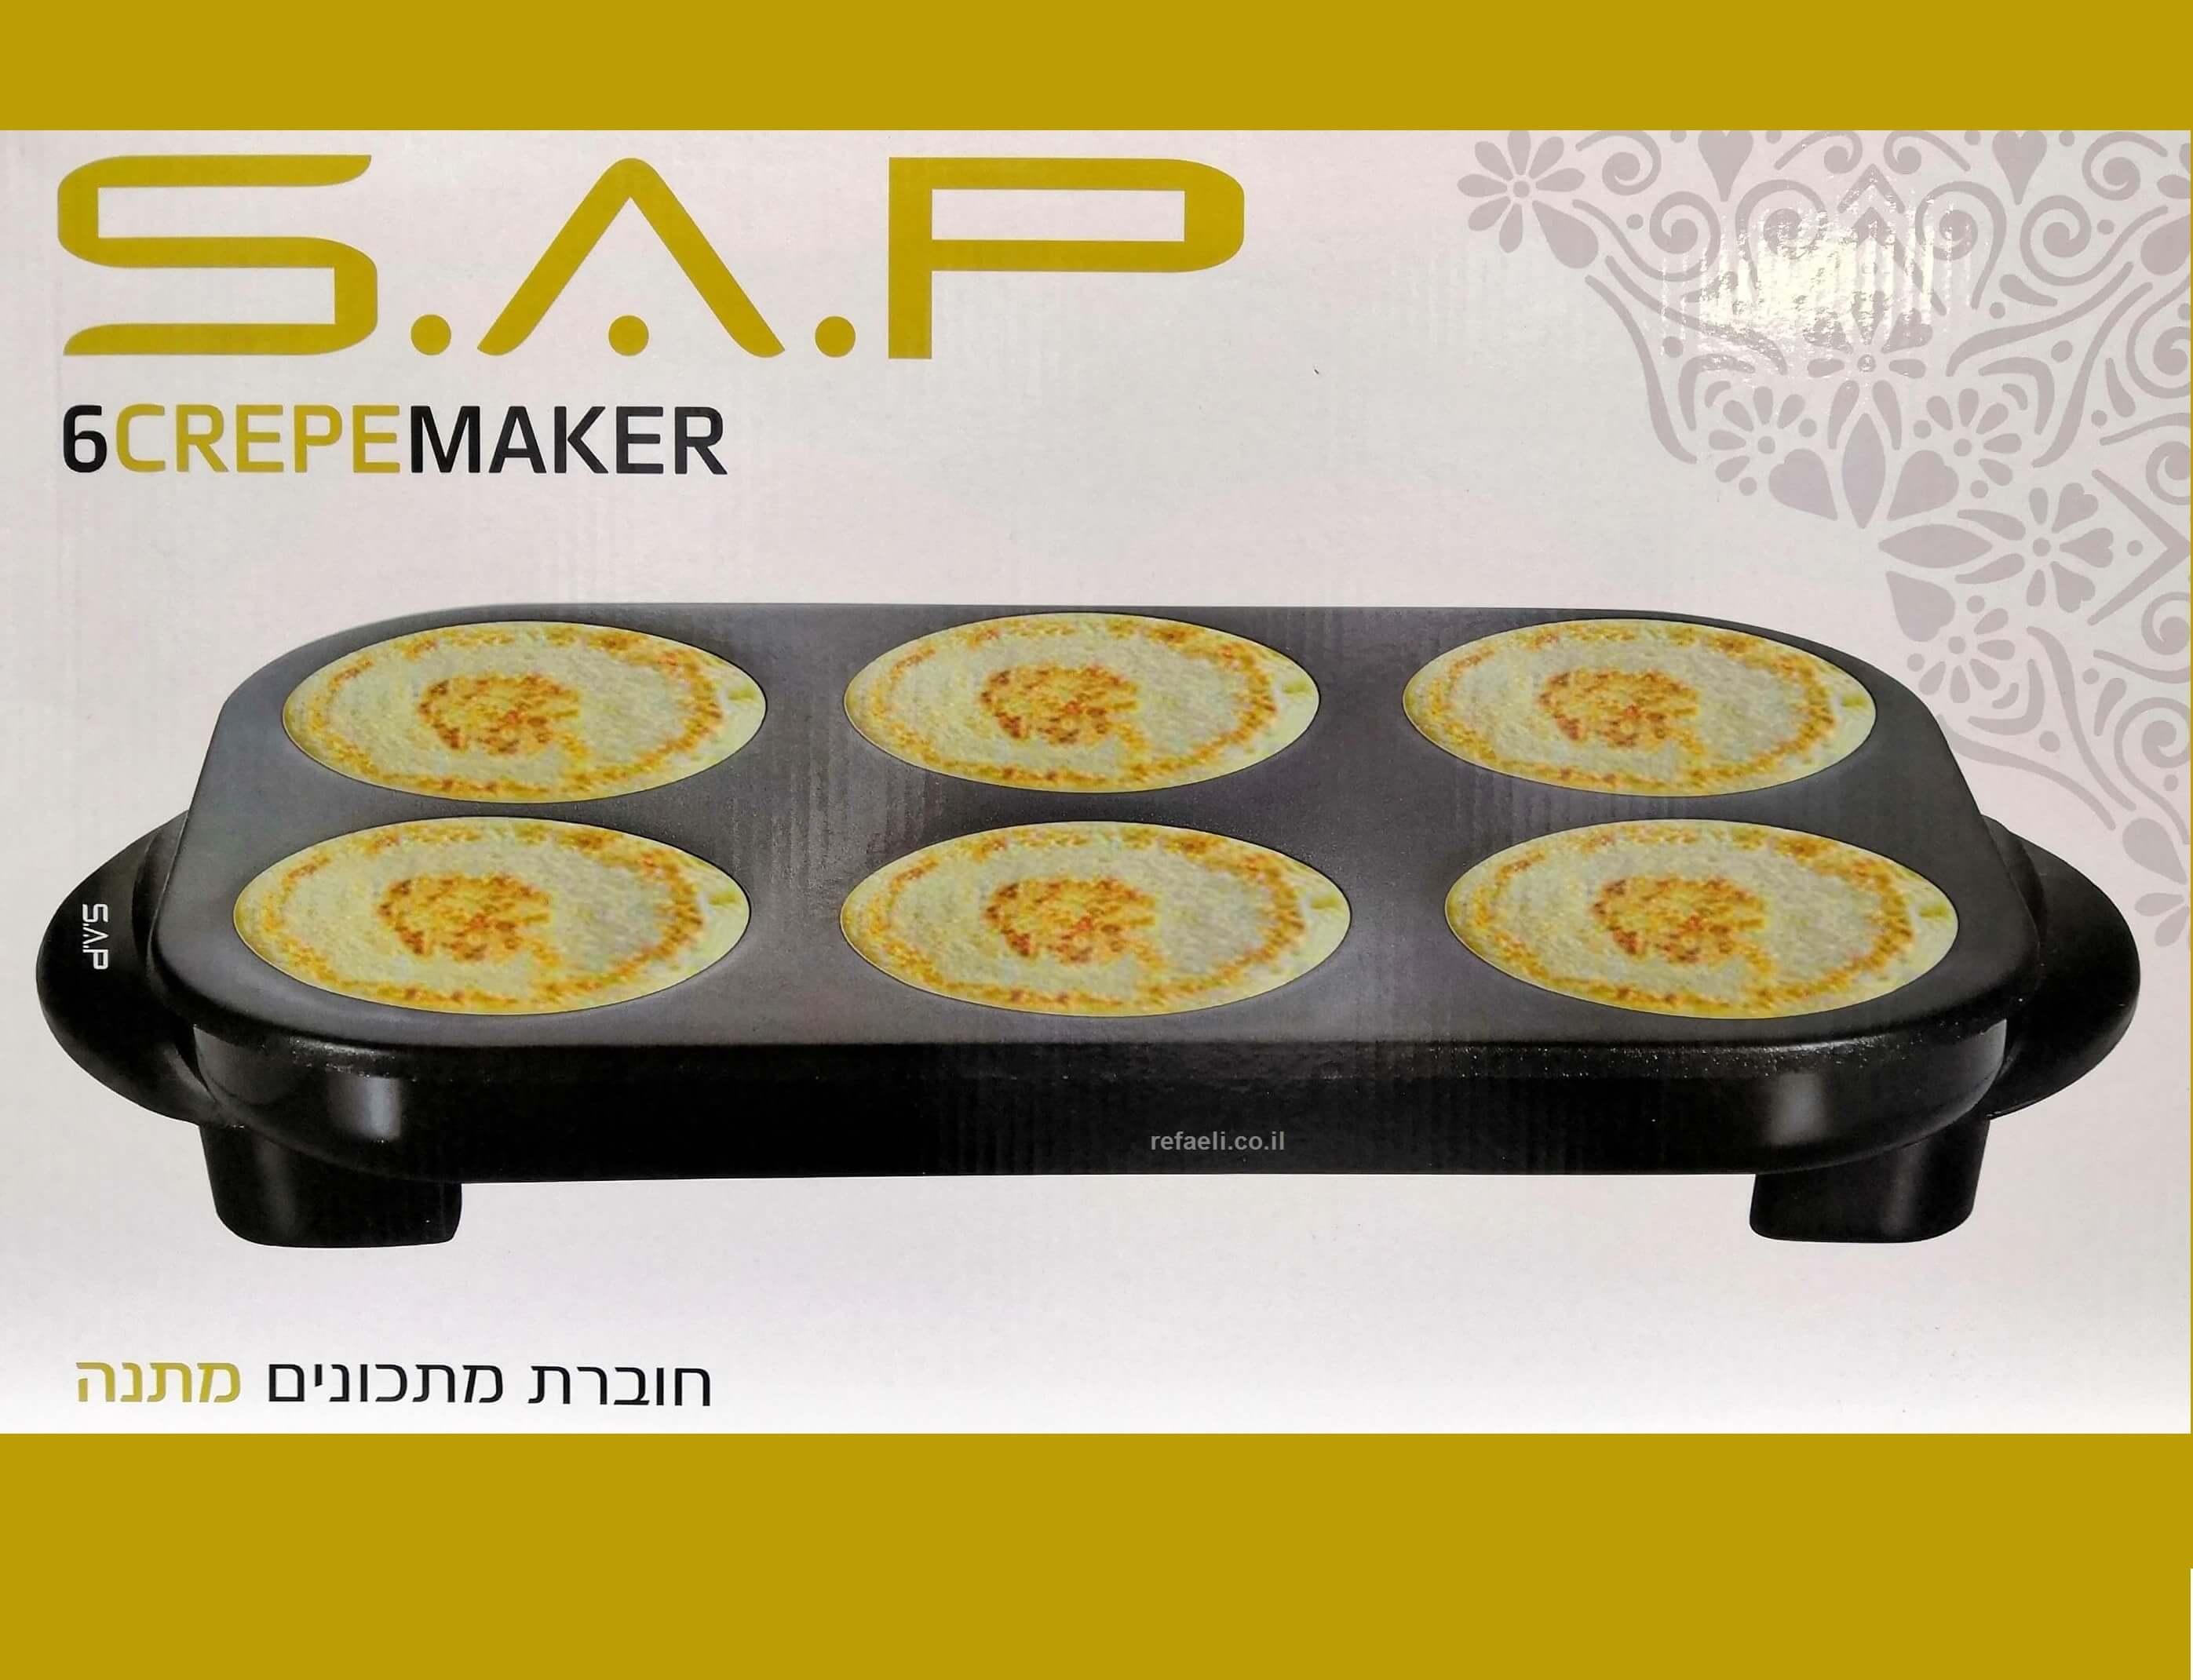 מכשיר להכנת פנקייק SAP F-021